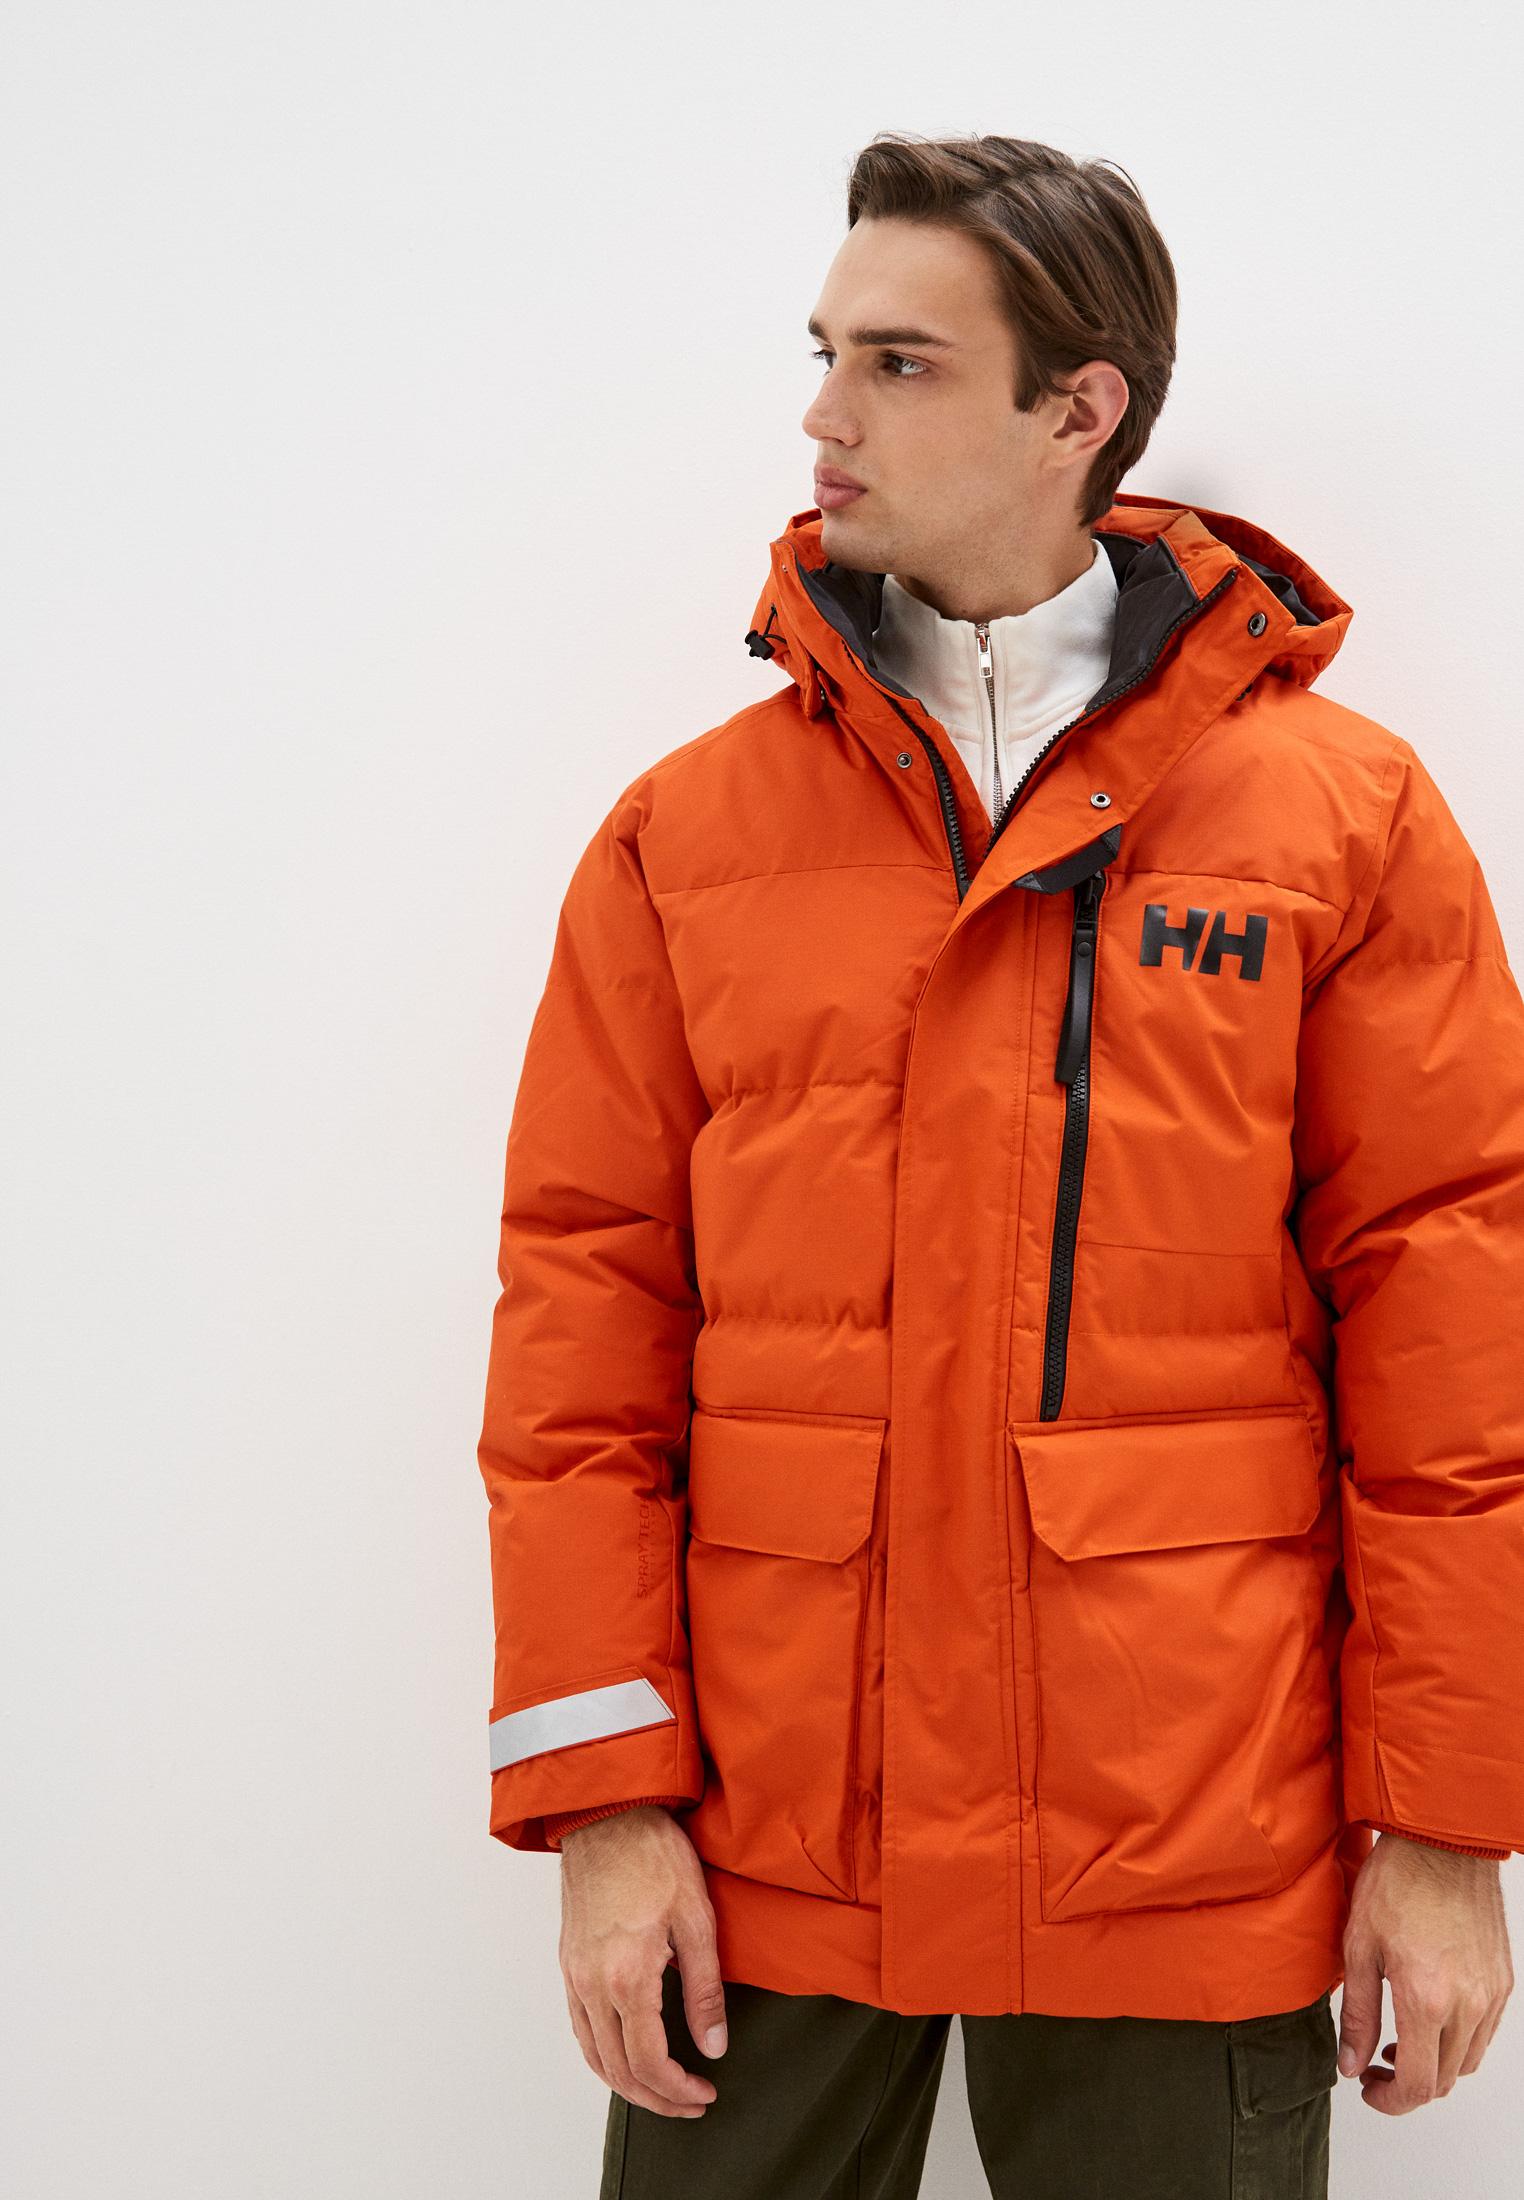 Мужская верхняя одежда Helly Hansen (Хэлли Хэнсон) Куртка утепленная Helly Hansen